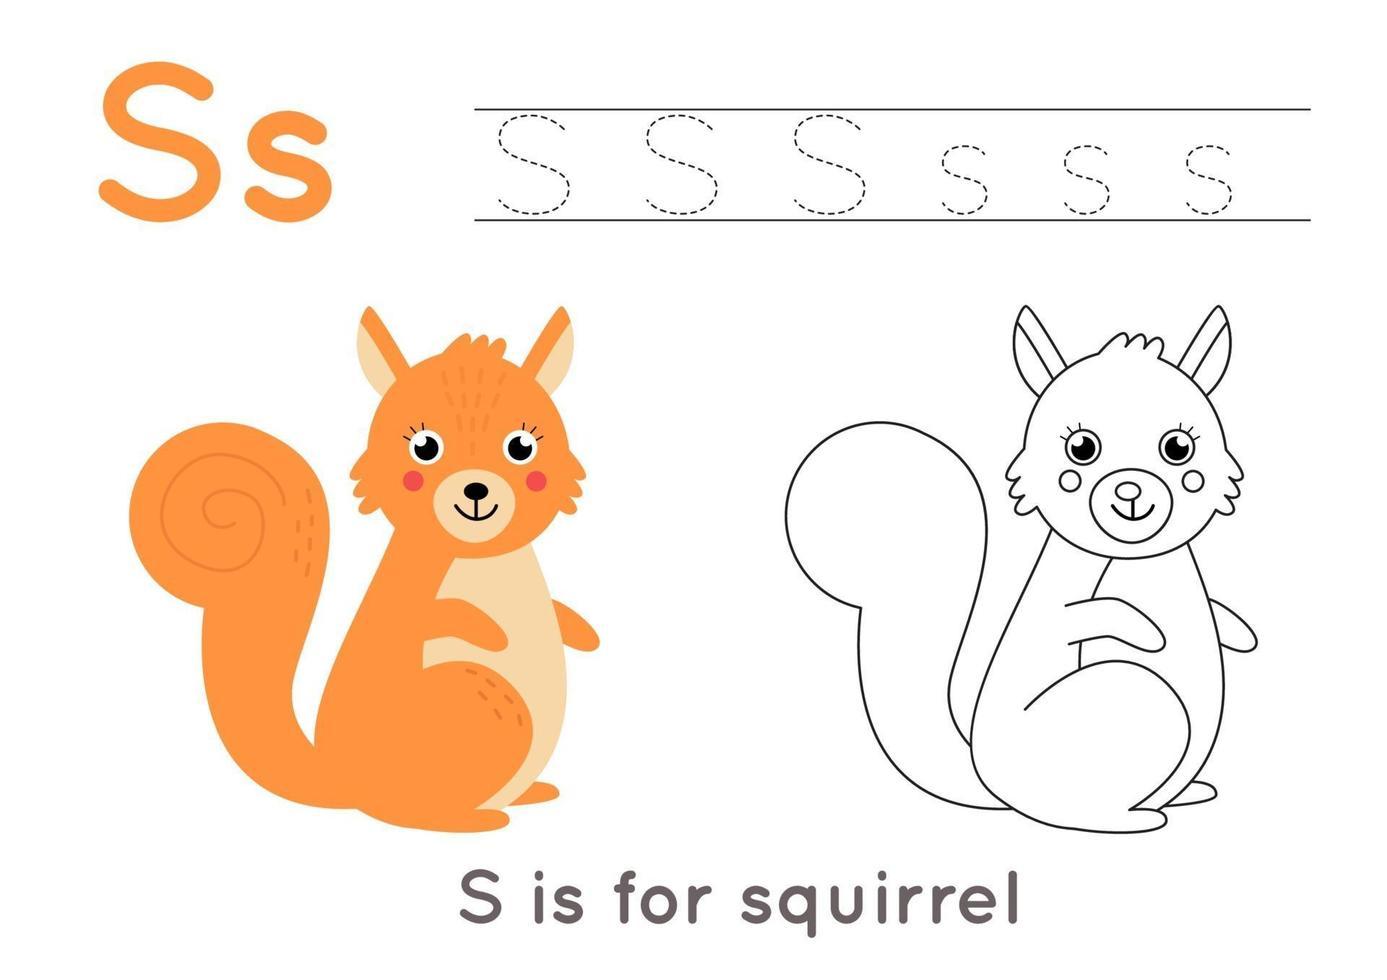 kleurplaat met letter s en schattige cartooneekhoorn. vector